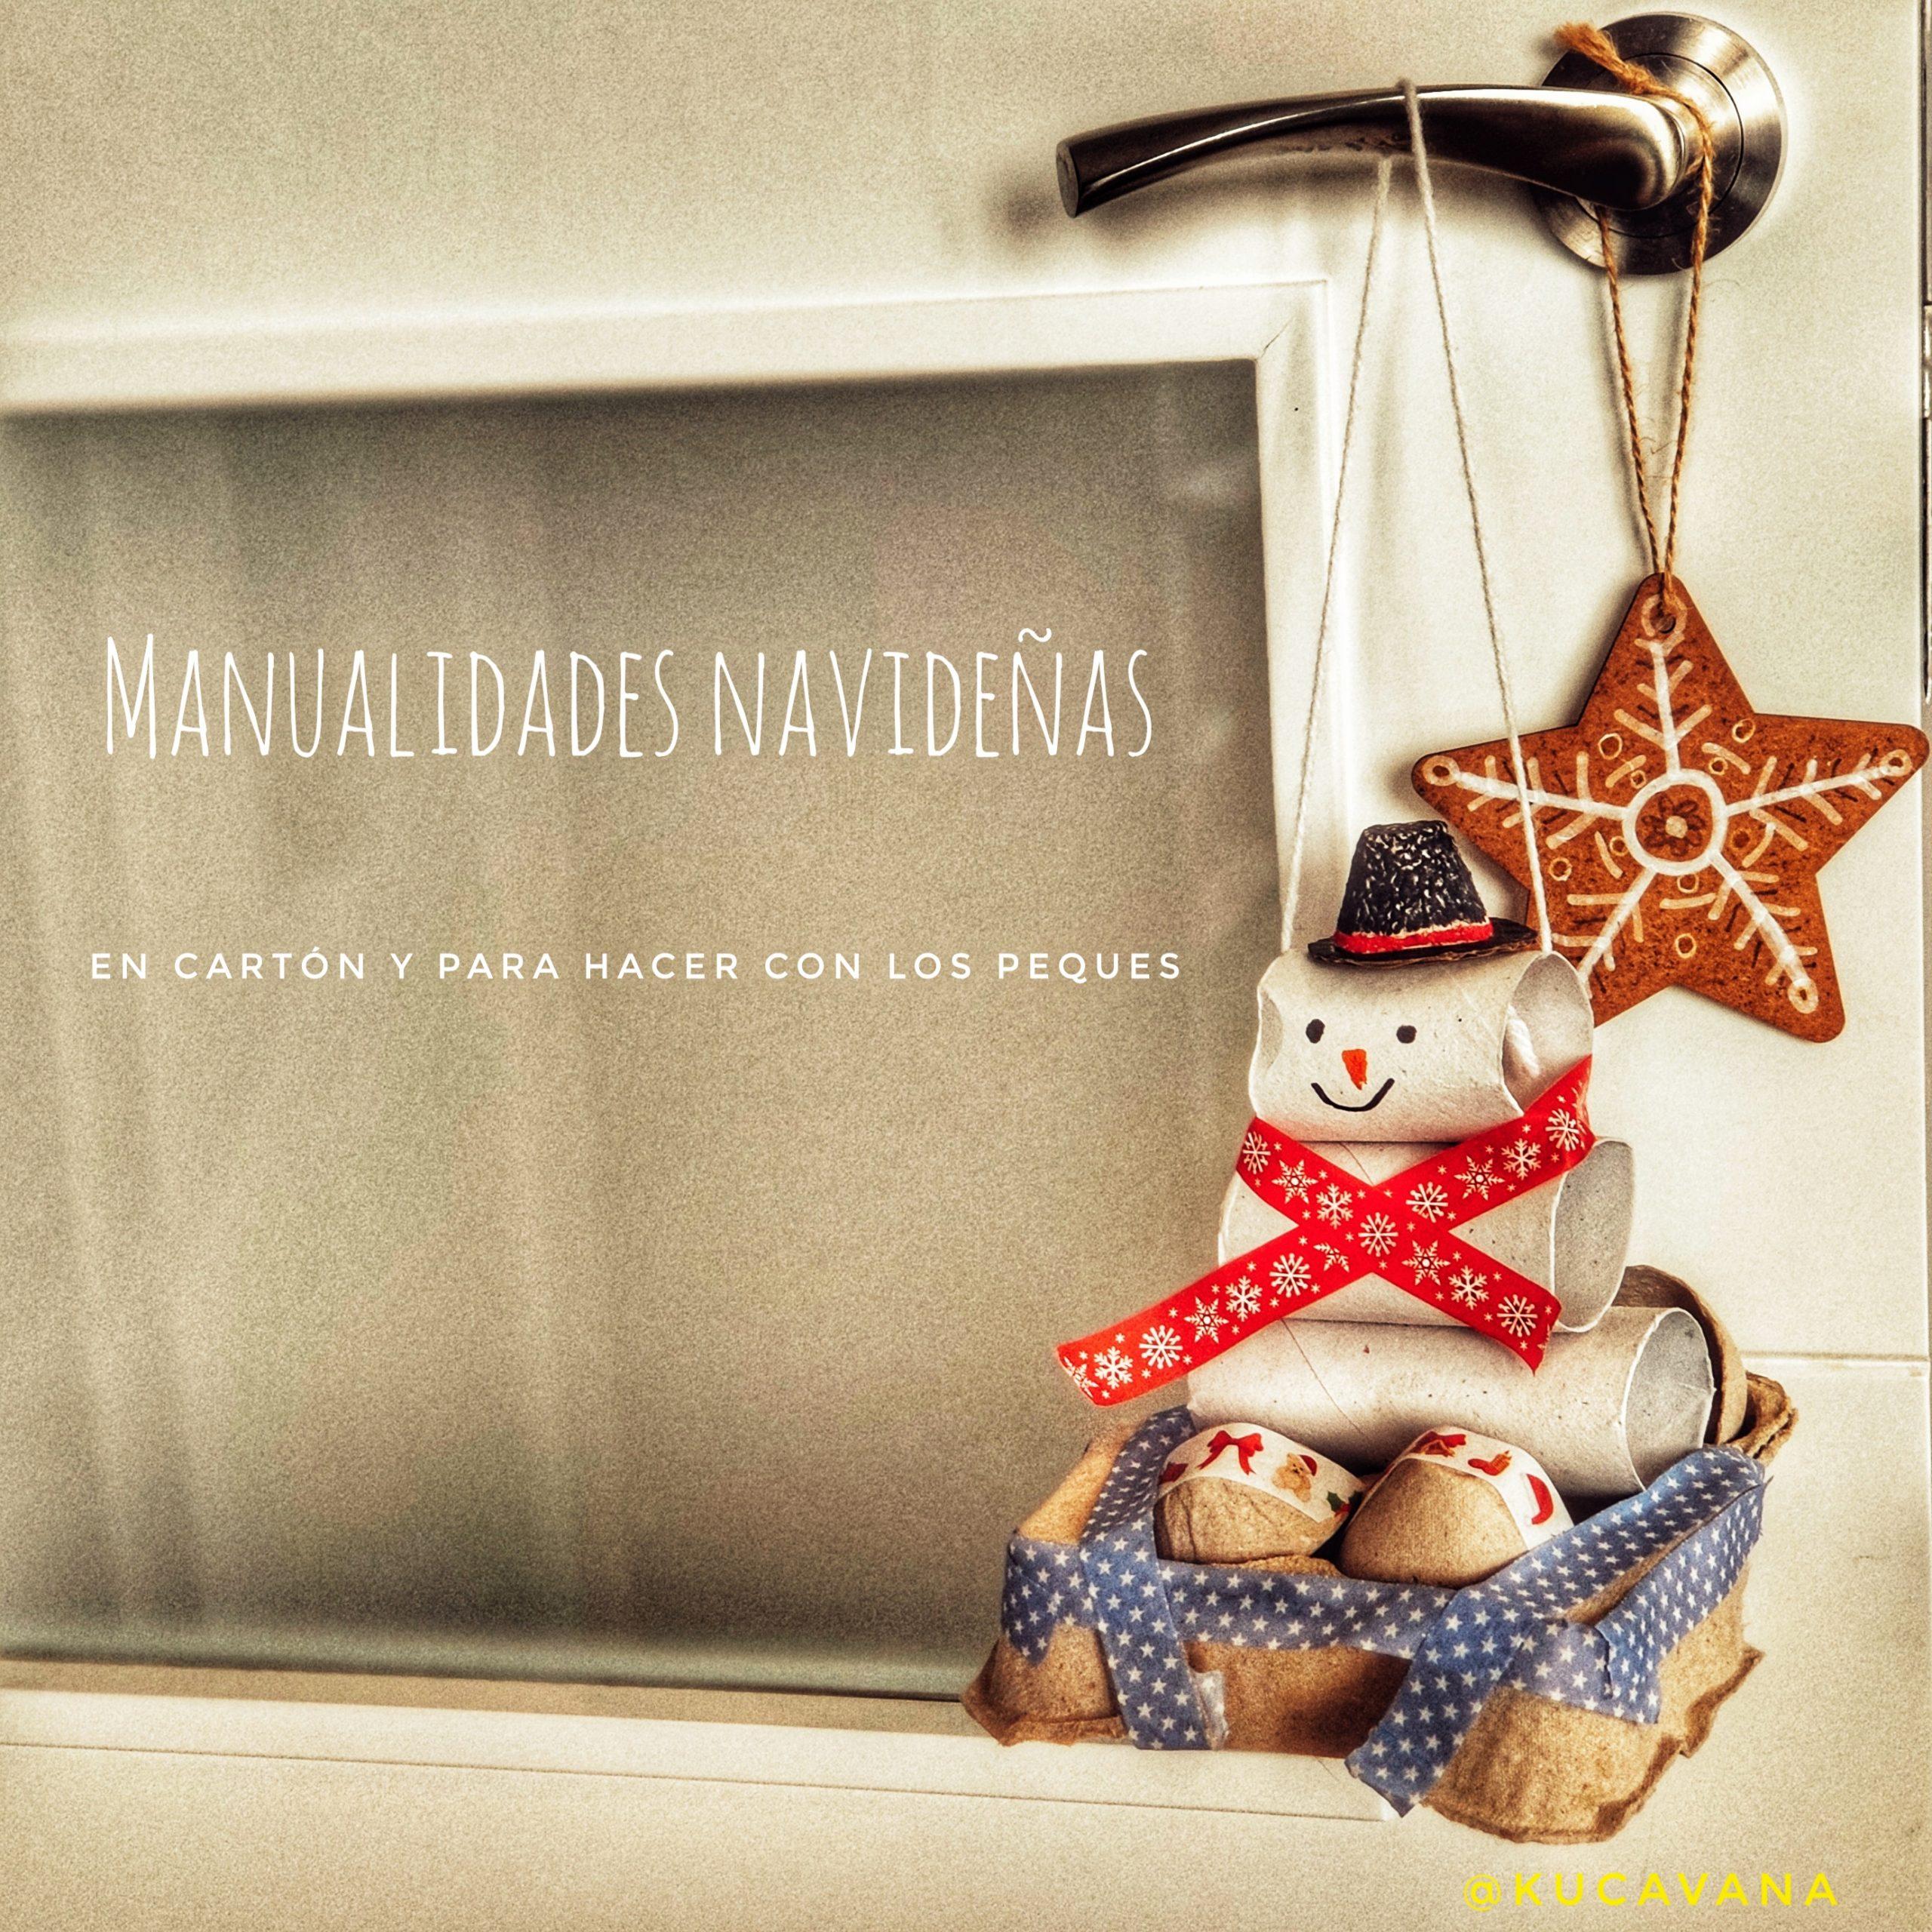 3 Manualidades navideñas fáciles para niños en cartón